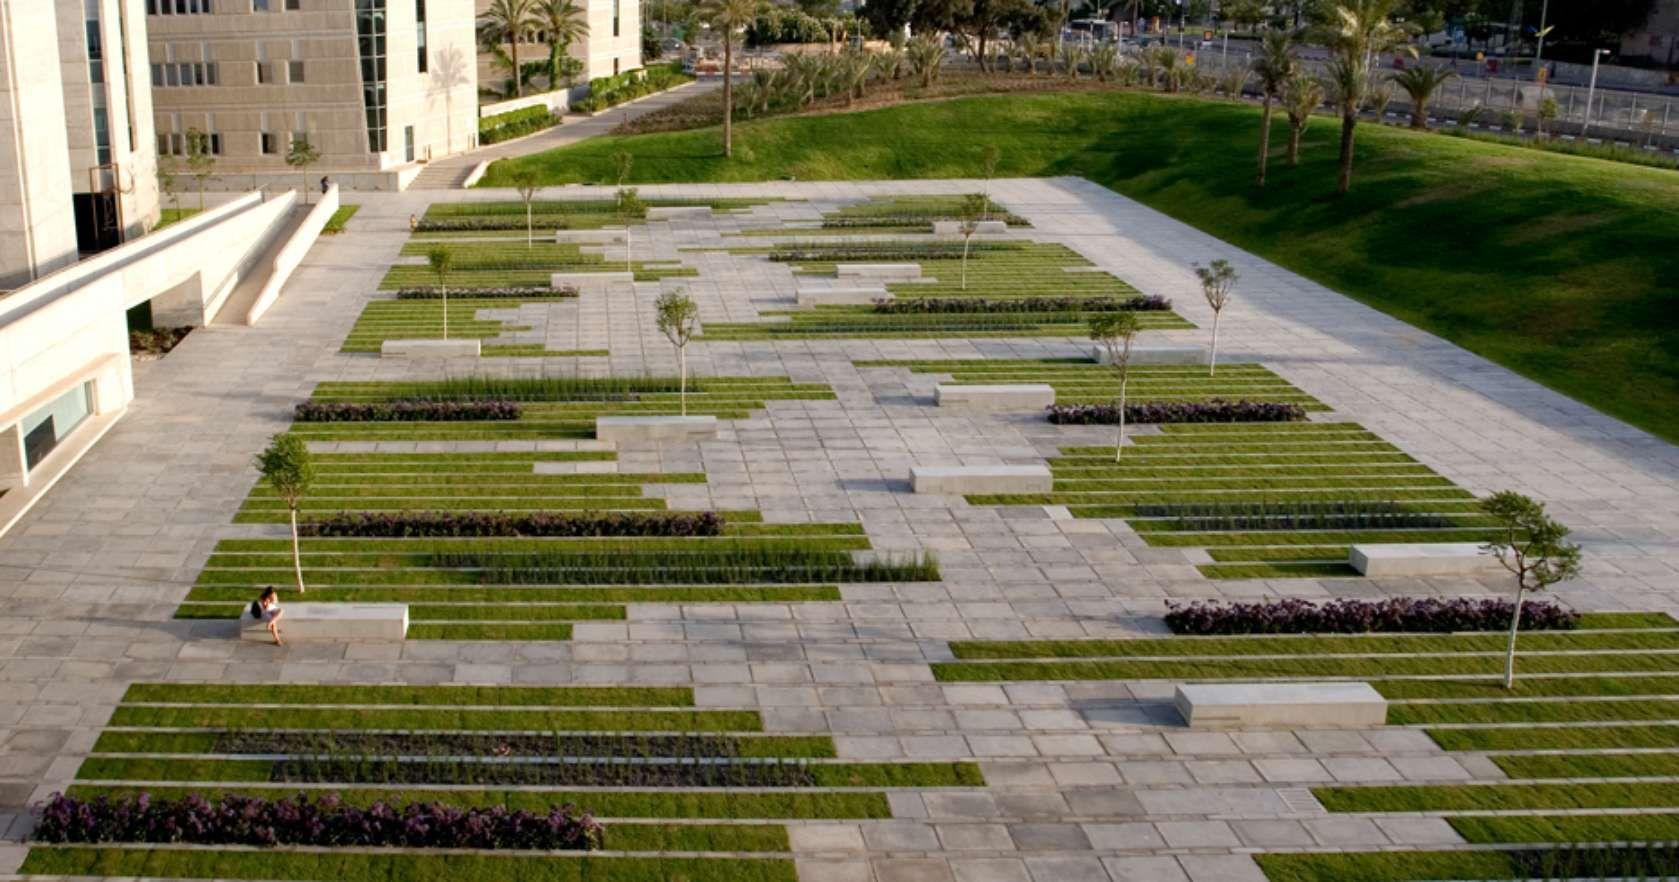 The Square Is Located In The Western Part Of The Ben Gurion University Campus In The City O Architetti Del Paesaggio Paesaggi Urbani Architettura Paesaggistica